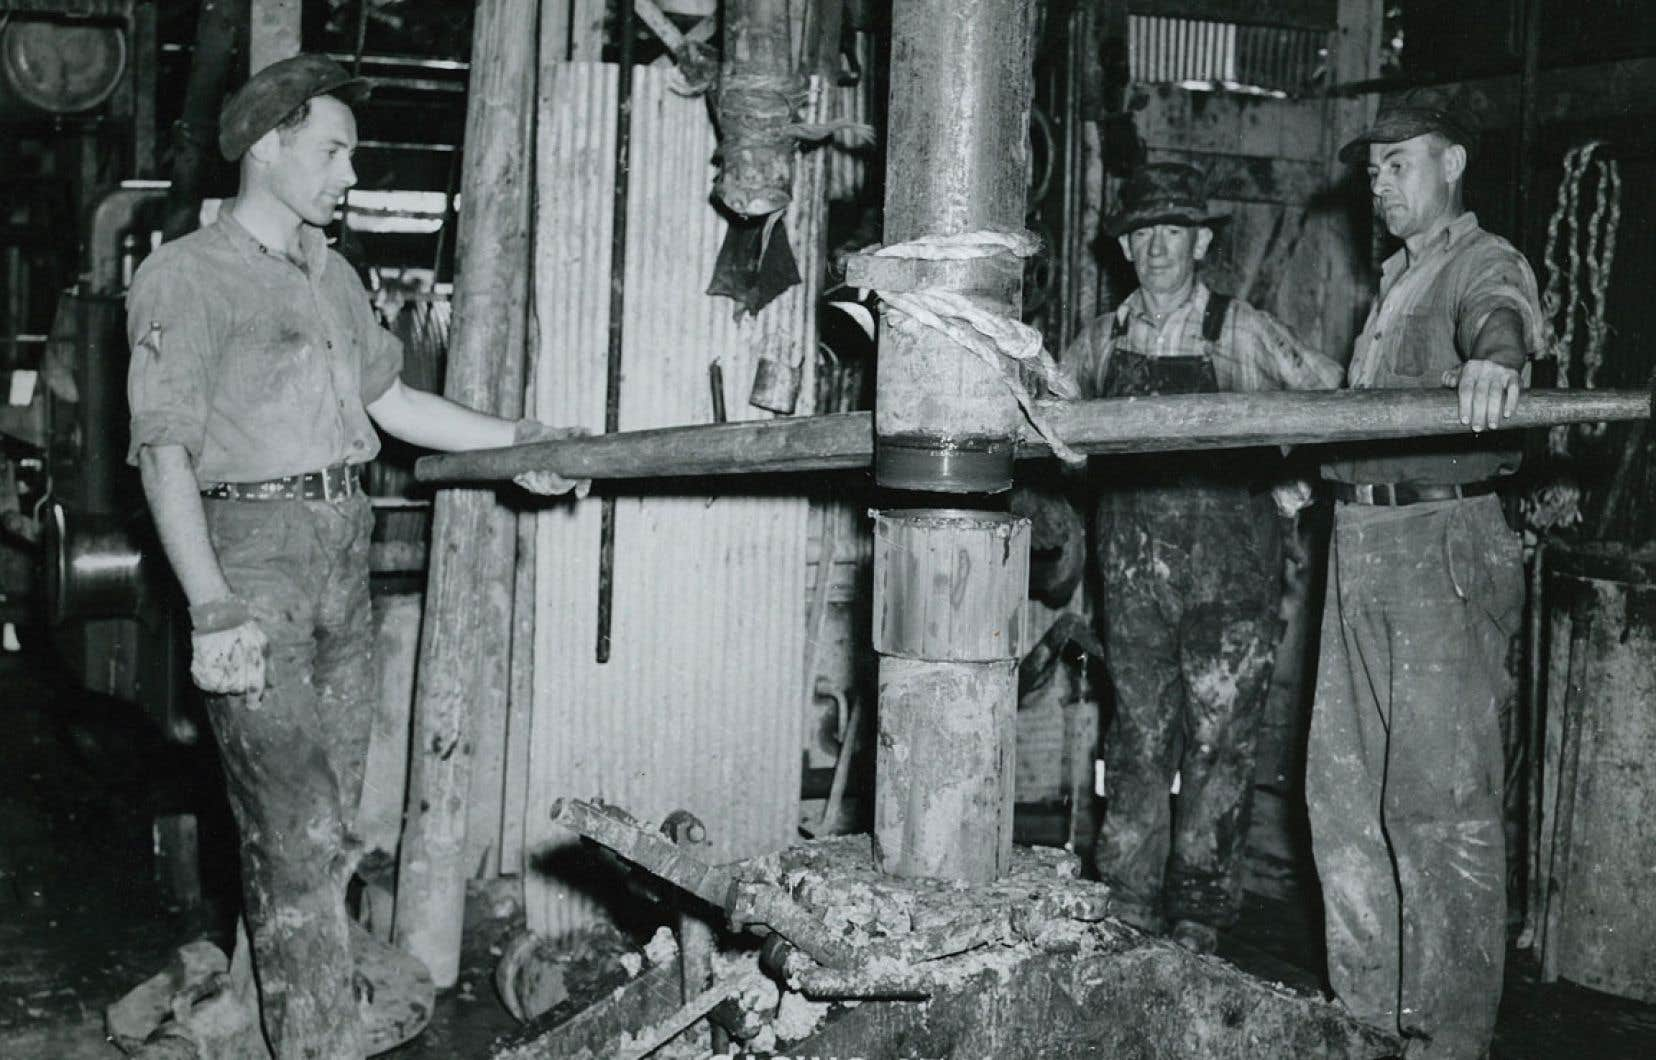 Des travailleurs s'affairent près de la mèche de forage d'un puits de la compagnie Gaspe Oil Ventures, à Rivière-Saint-Jean, près de Gaspé, en 1948. L'entreprise y a découvert des « indices » de pétrole.